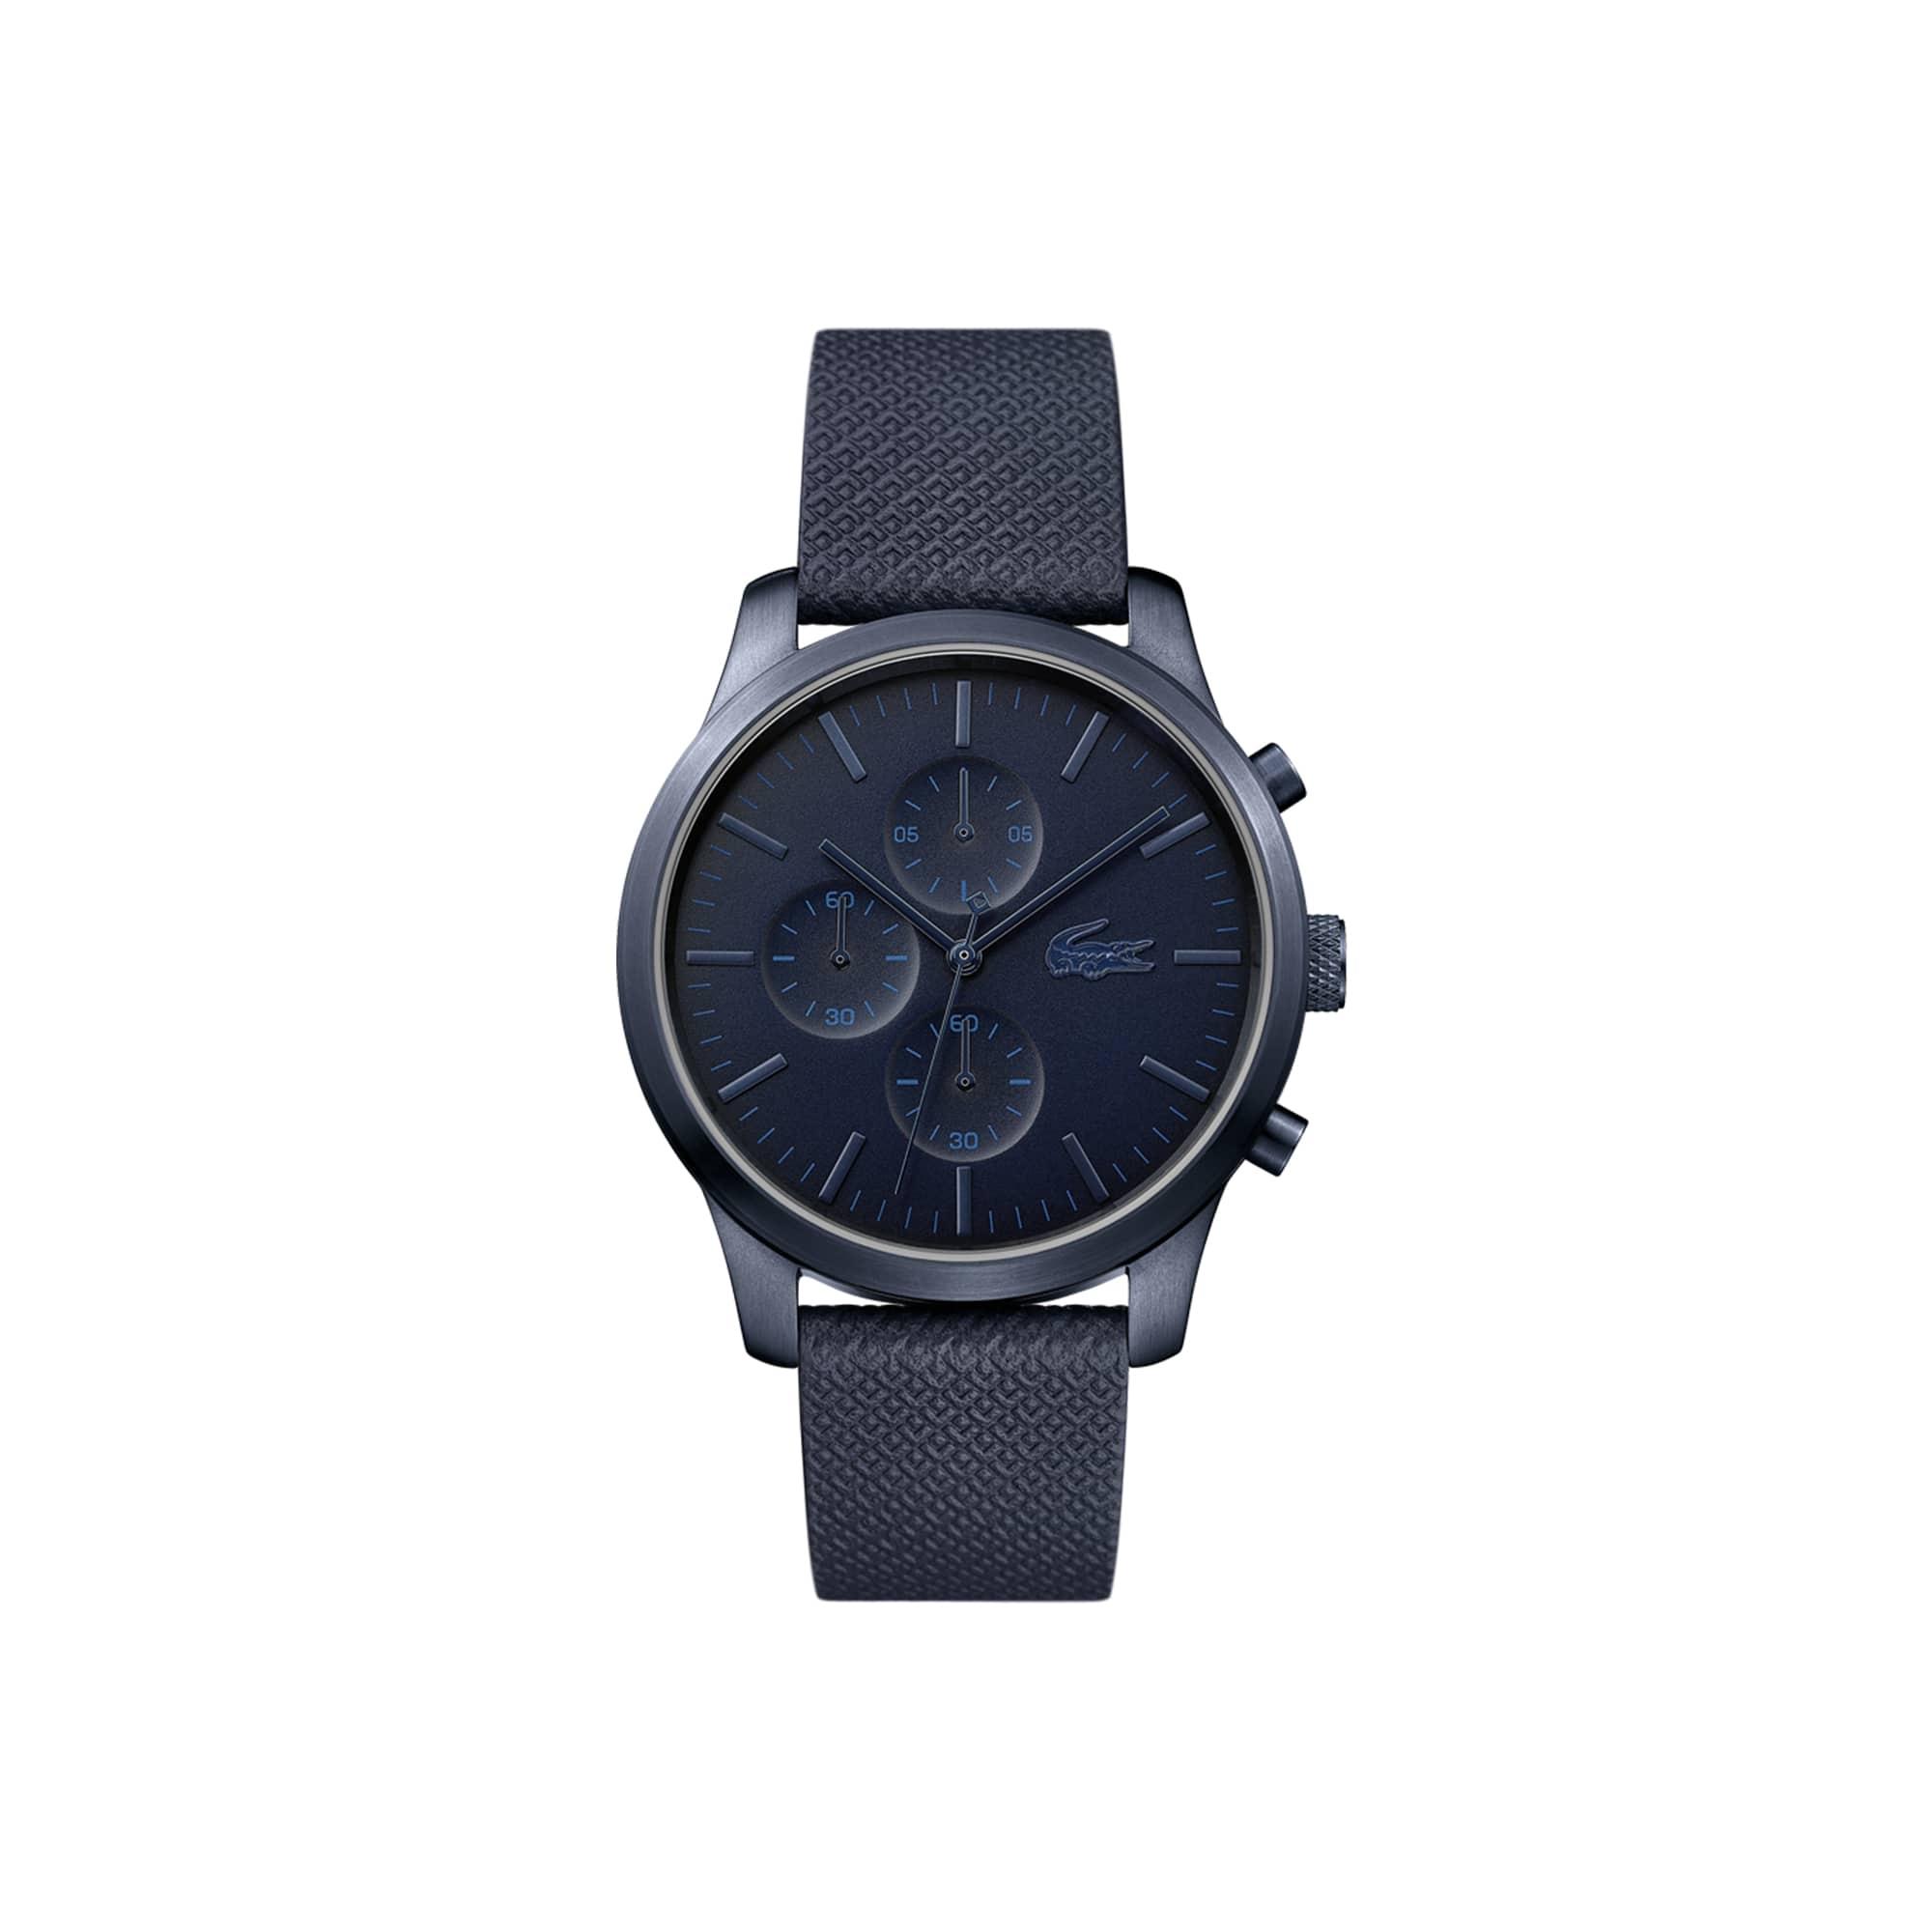 Reloj Lacoste 12.12 Edición 85 Aniversario, Con Cronógrafo Y Pulsera De Cuero Pequeño Piqué Azul Repujado